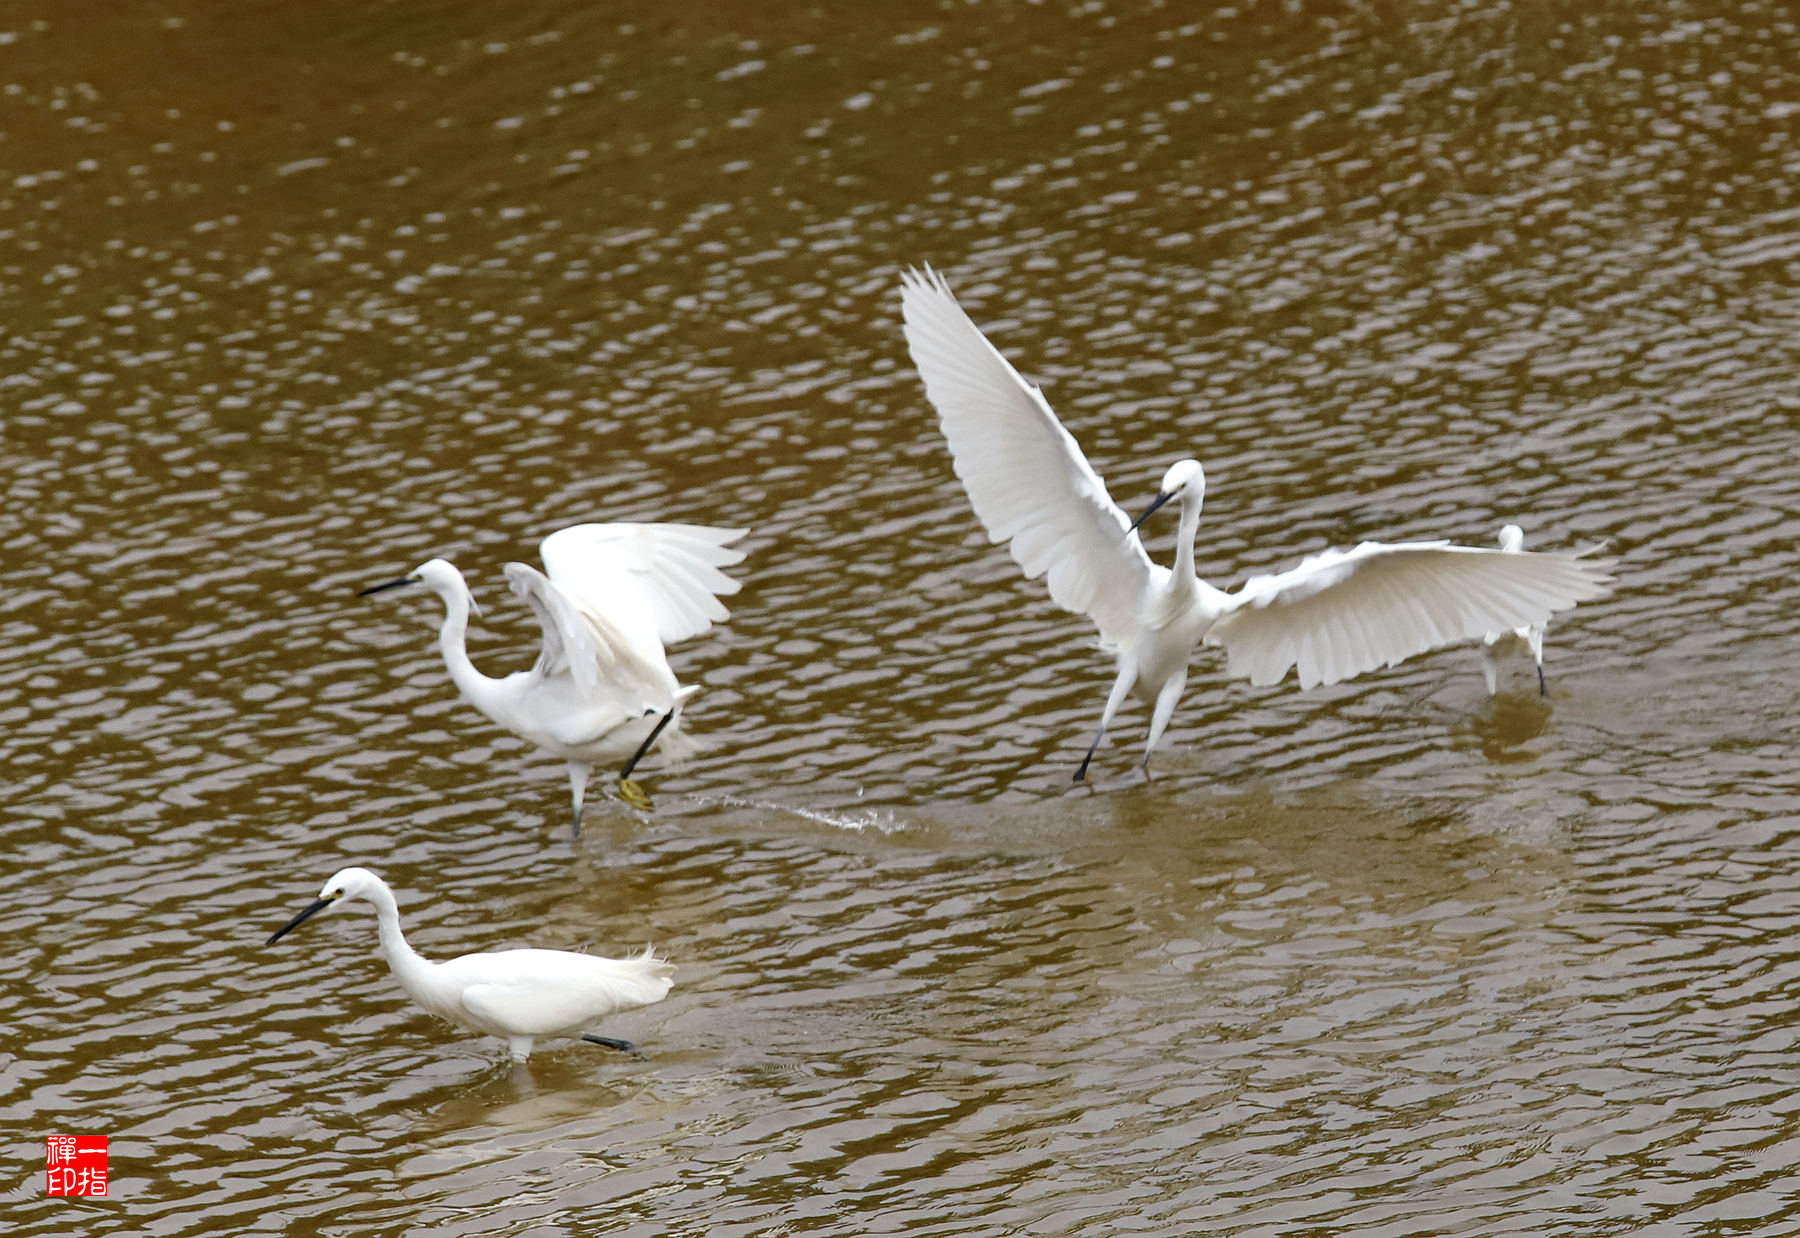 莲花山公园漾日湖上白鹭翩翩起舞